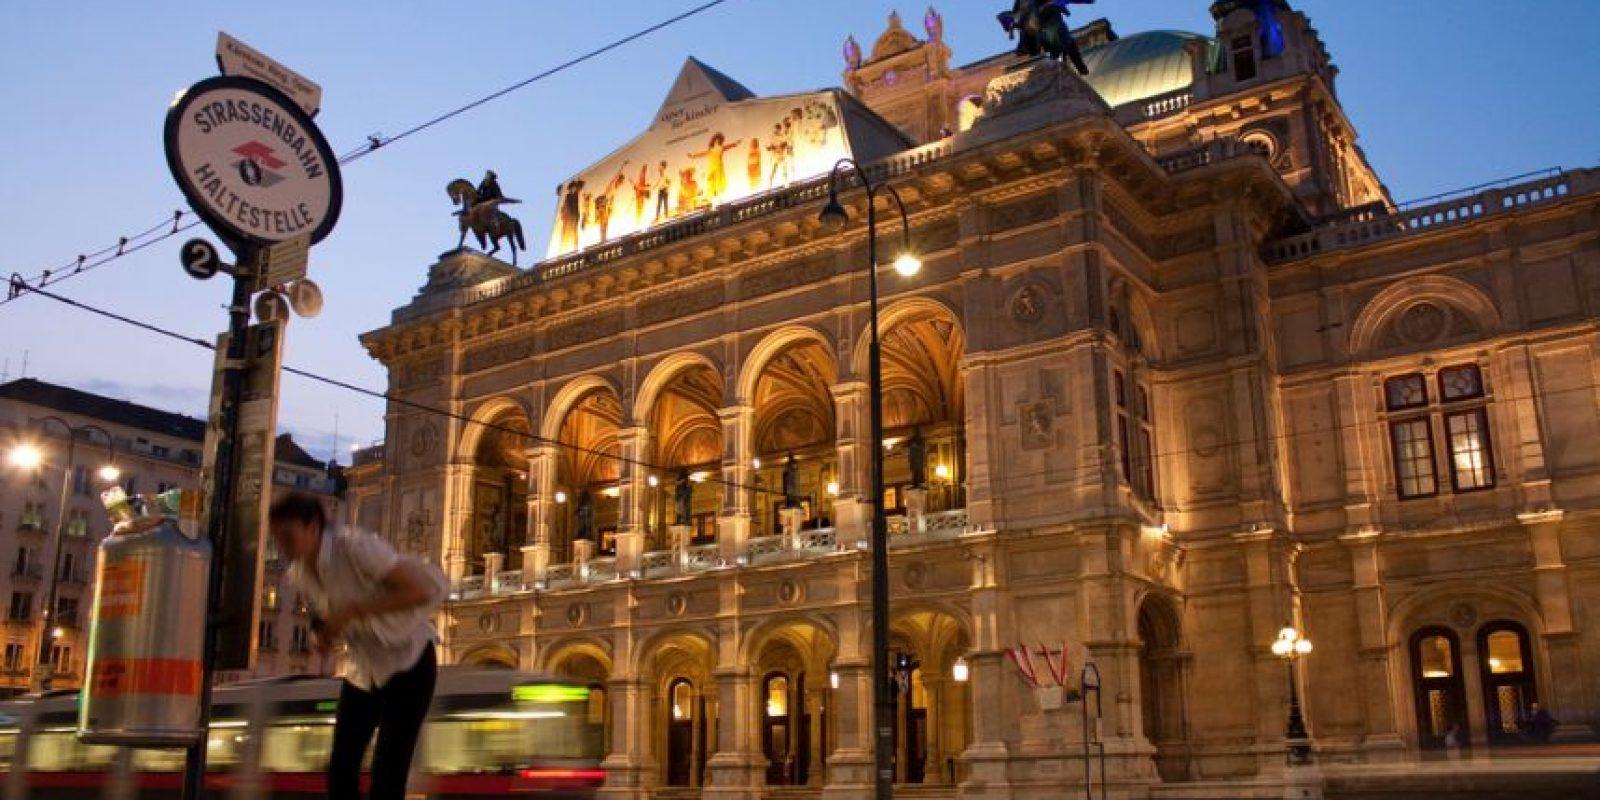 Ópera de Viena. En su interior se puede conseguir todo sobre el Teatro de la Ópera. Foto:Vía Flickr